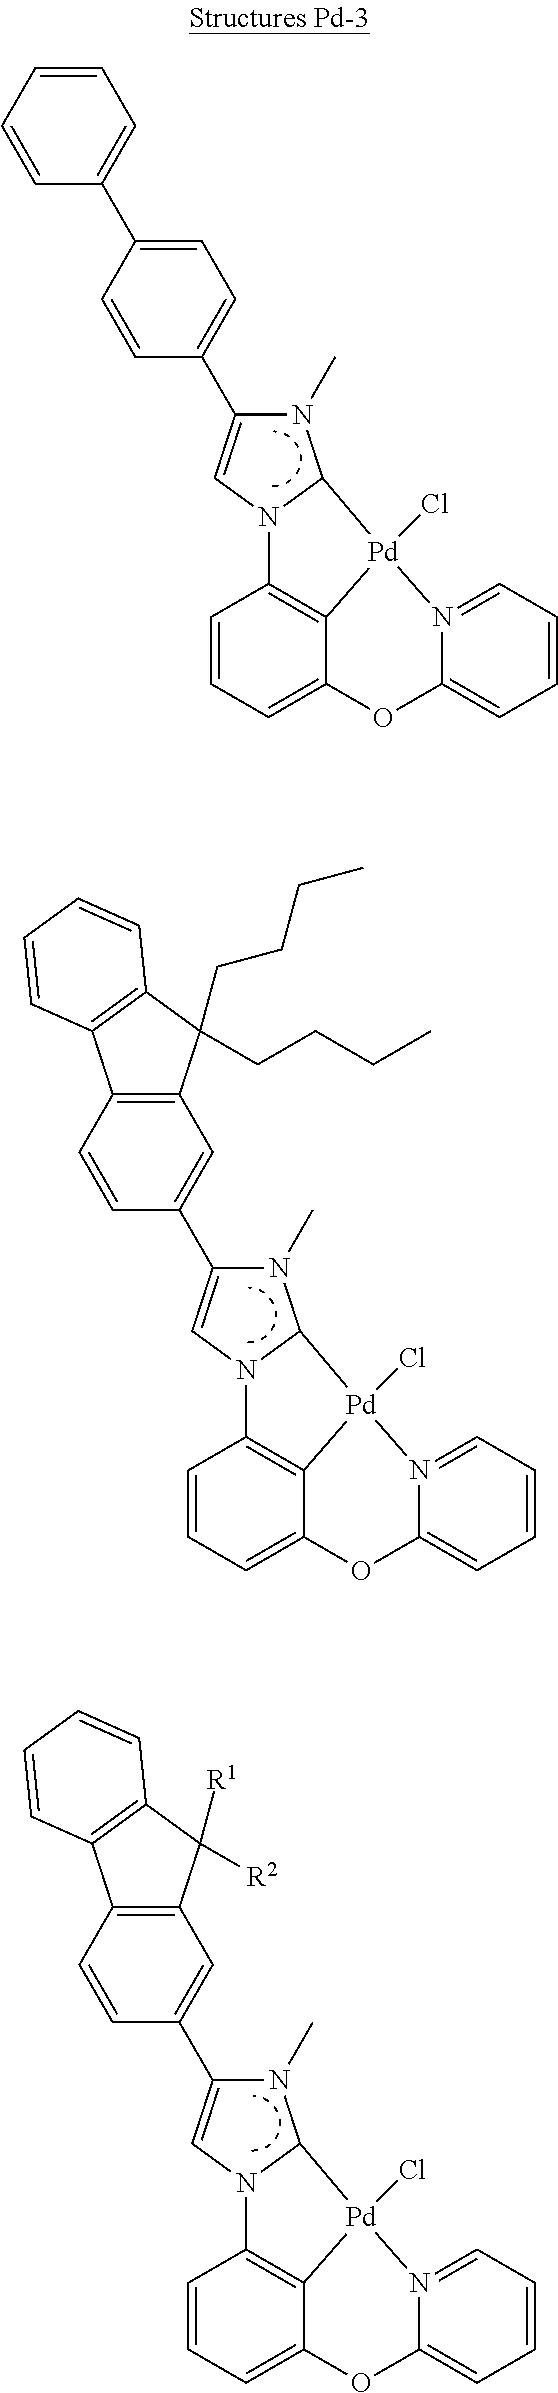 Figure US09818959-20171114-C00538